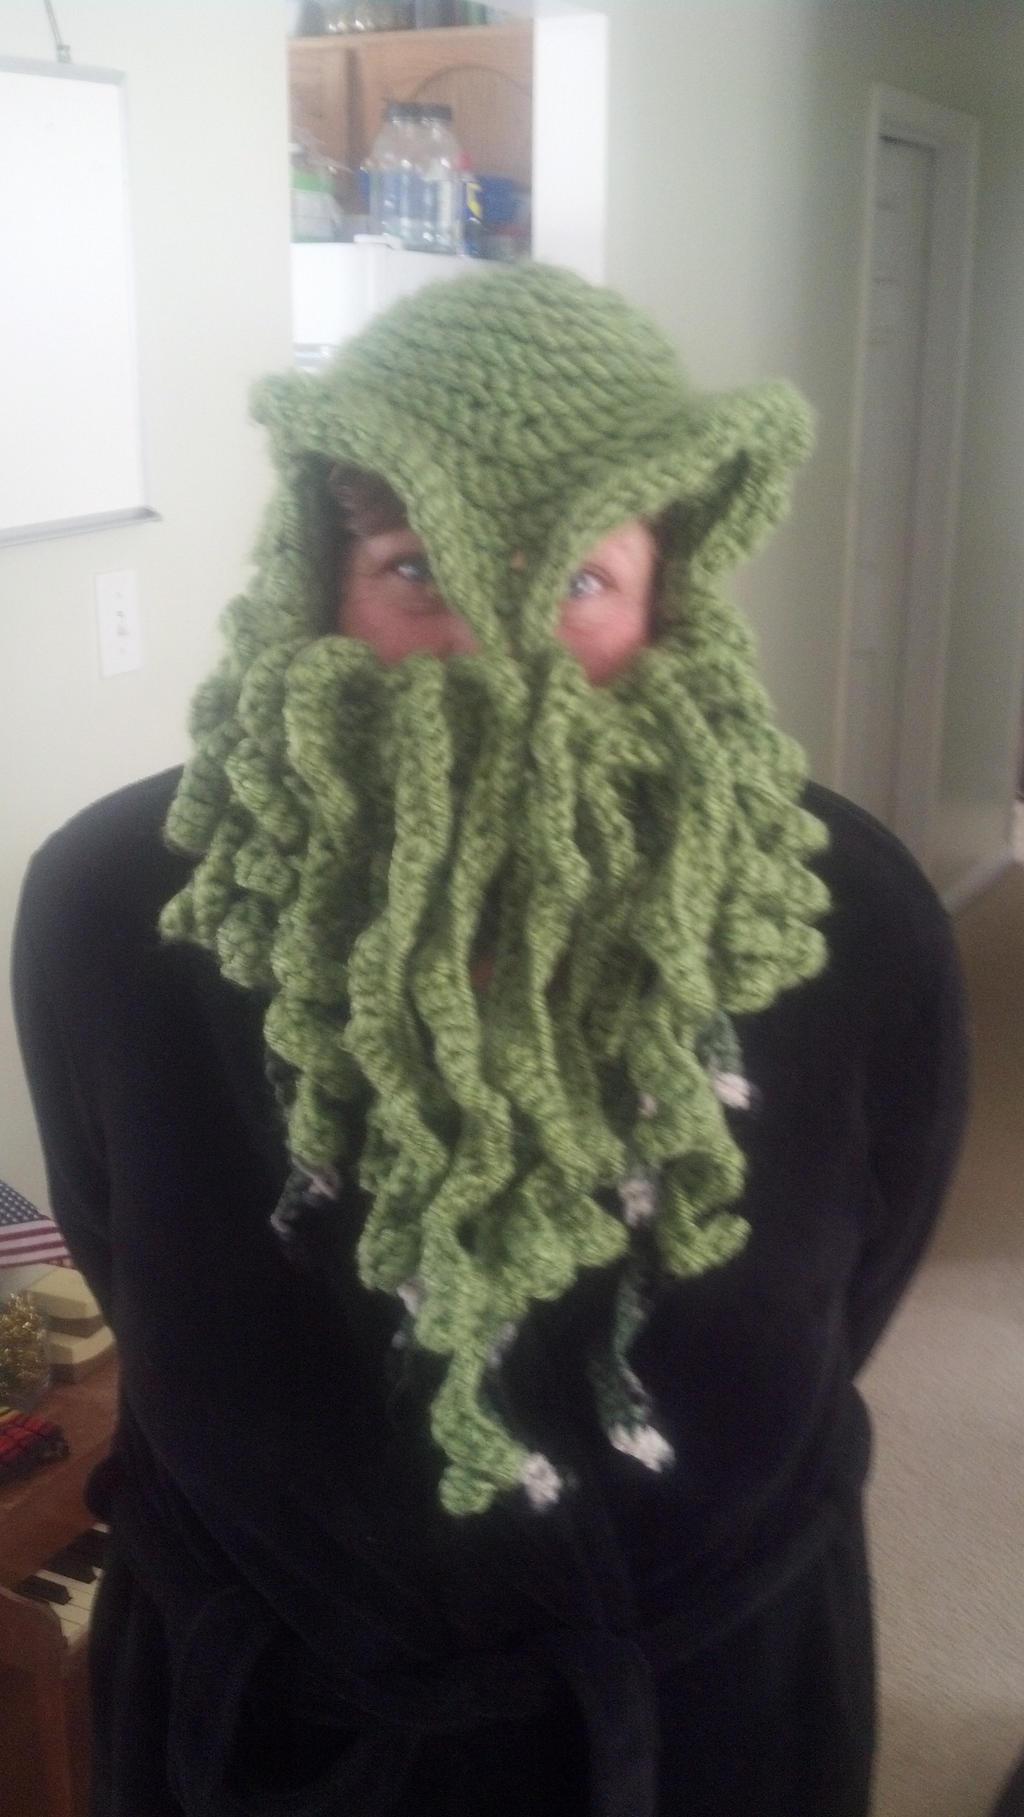 Crochet Cthulhu Ski Mask Pattern Free: Freecraftingideas. Images ...